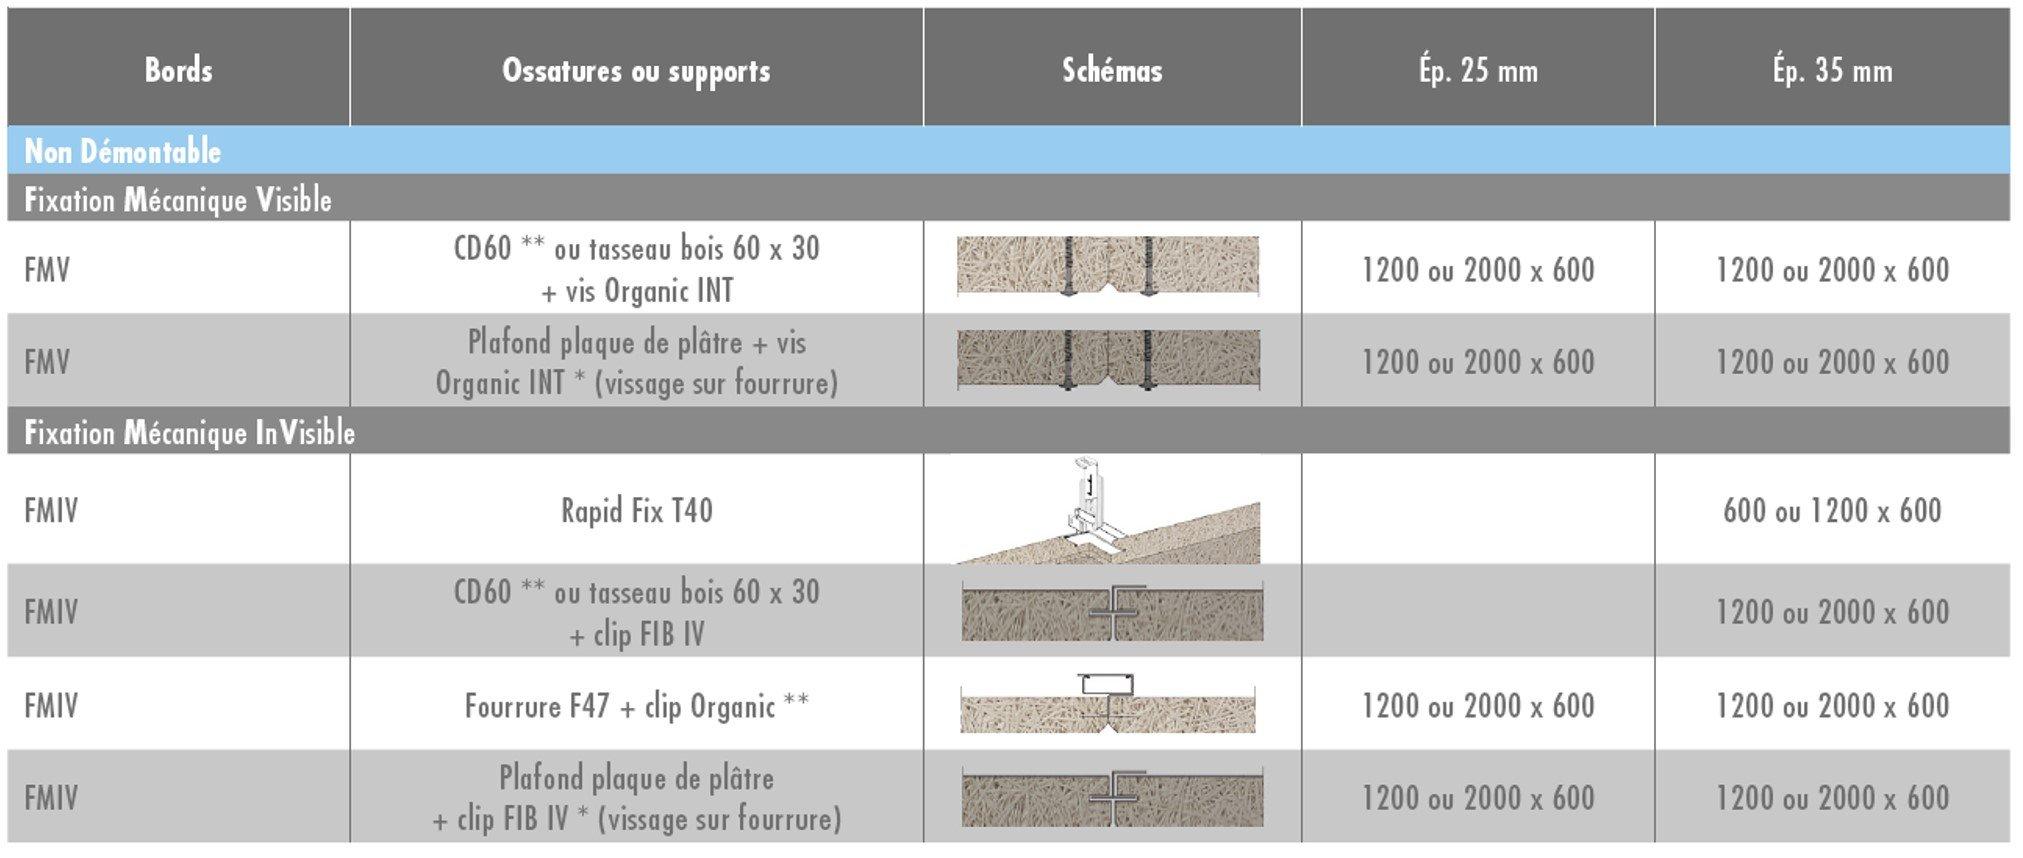 POSSIBILITÉS DE MONTAGE - Plafonds rampants intérieurs